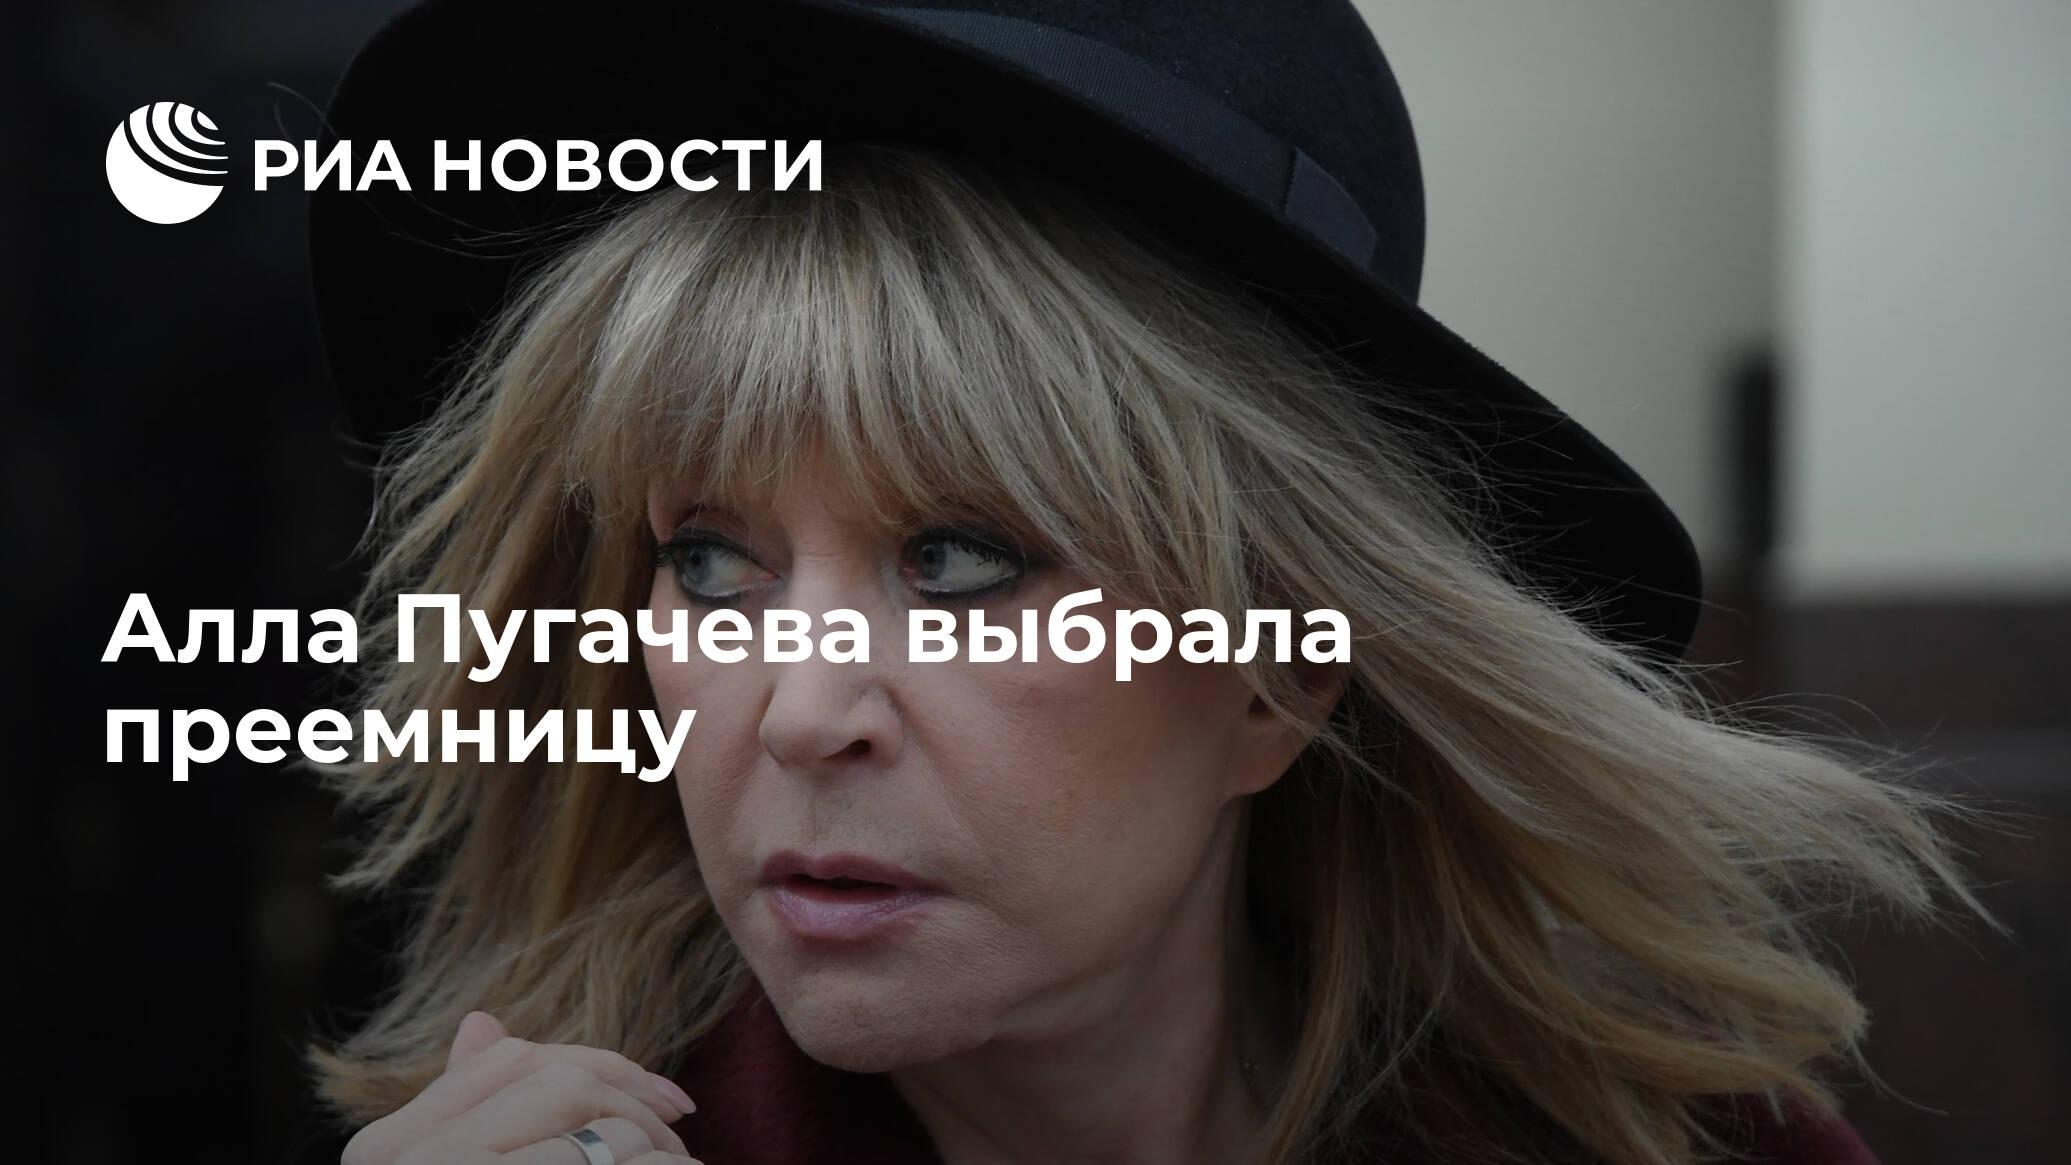 Алла Пугачева выбрала преемницу - РИА Новости, 27.08.<b>2019</b>